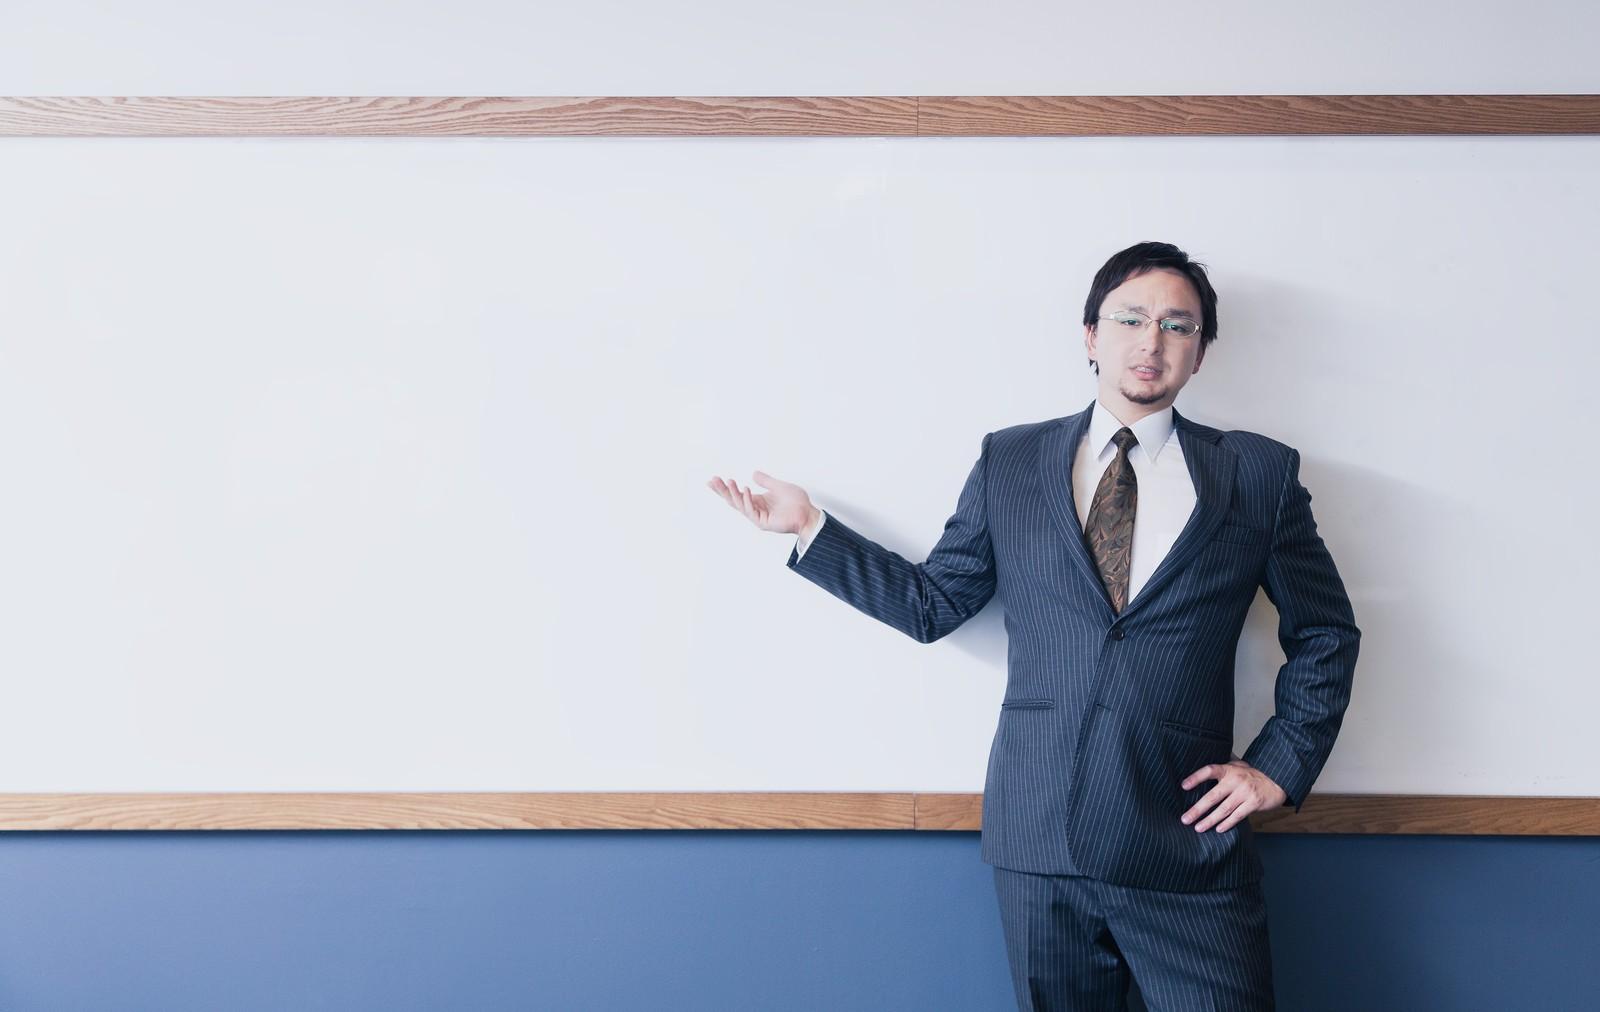 受講者の適正な評価と育成を同時に行えるアセスメント研修がおすすめです。